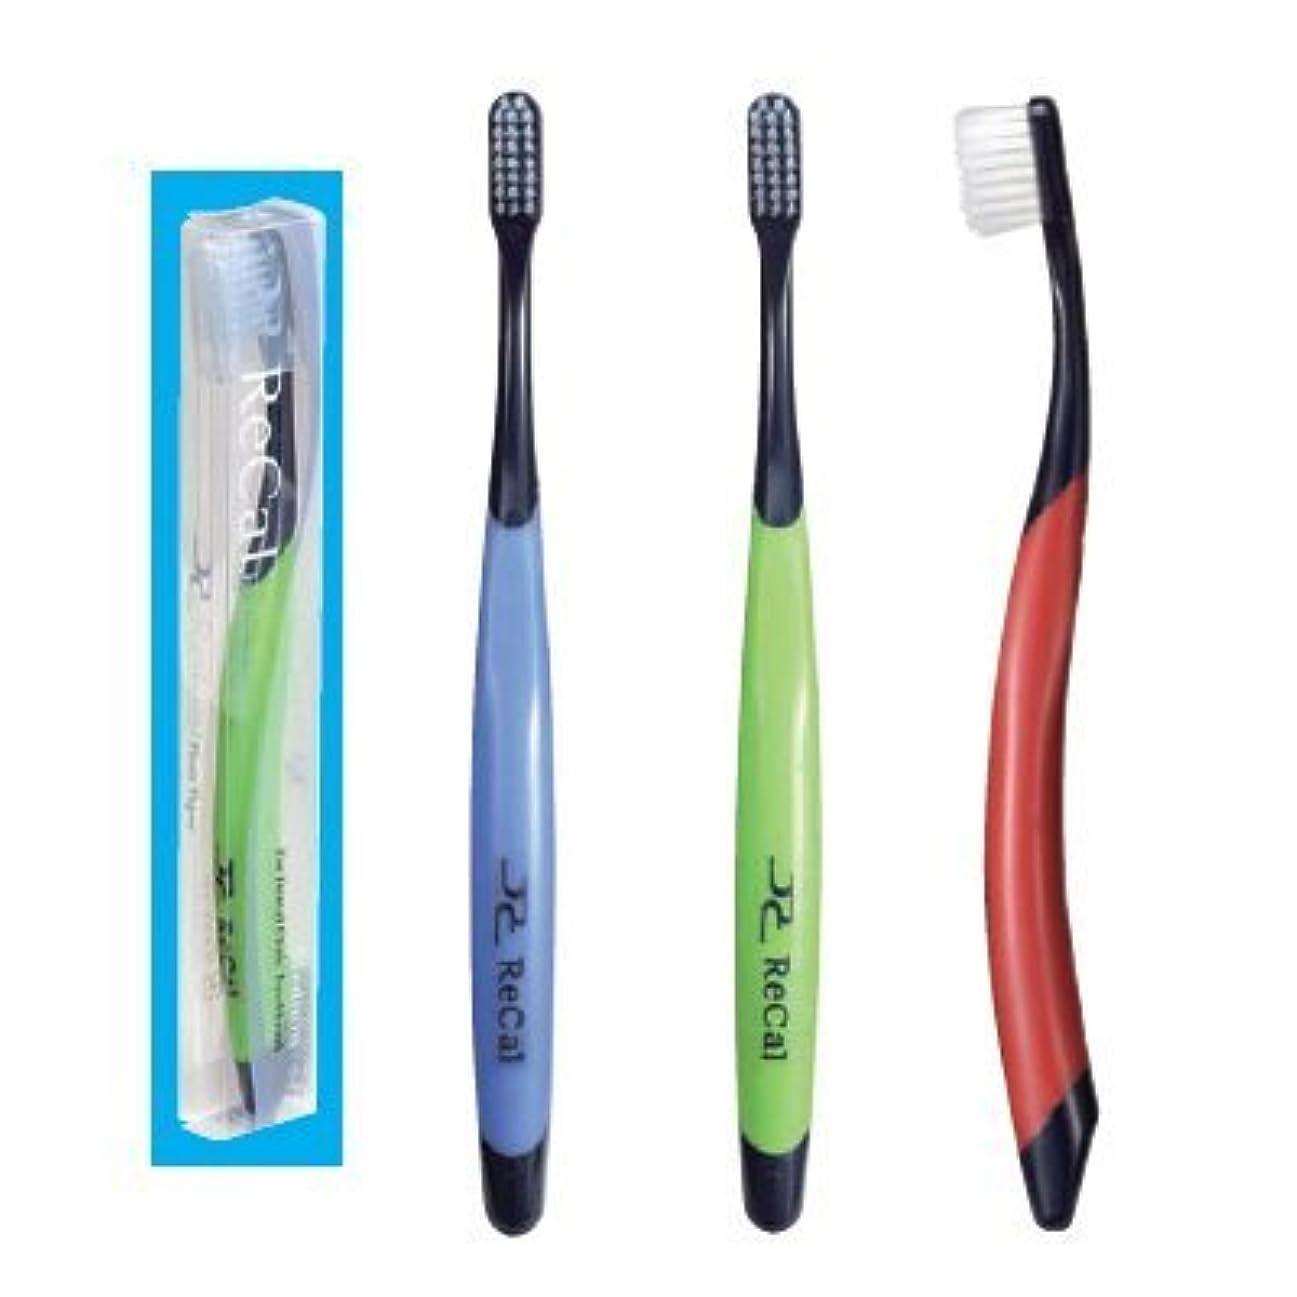 バインド静かに剃るリカル歯ブラシ フロステーパー毛(Mふつう)ブラックハンドル キャップ+プラケース付き 3本入り